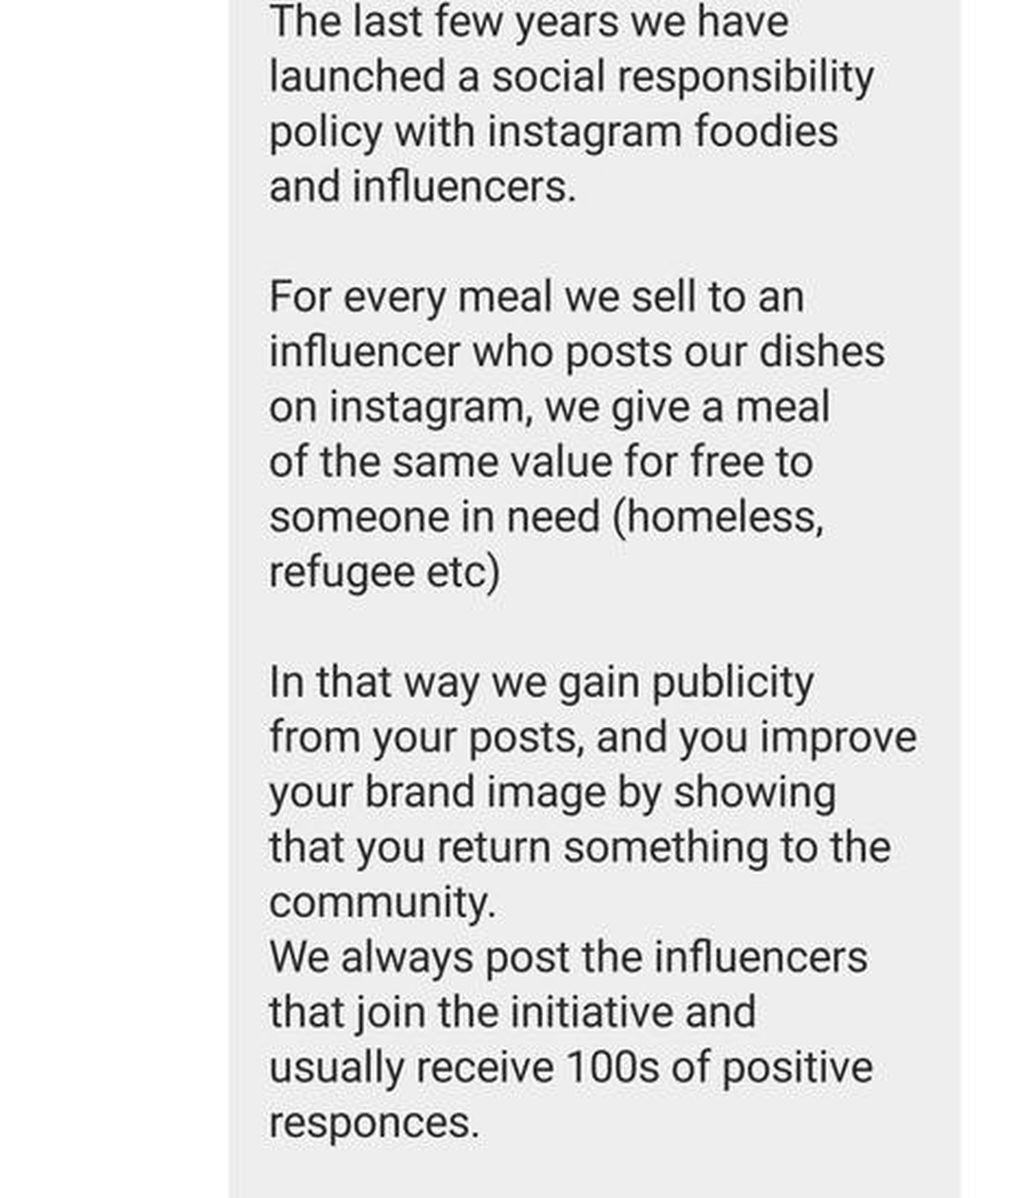 La respuesta del restaurante